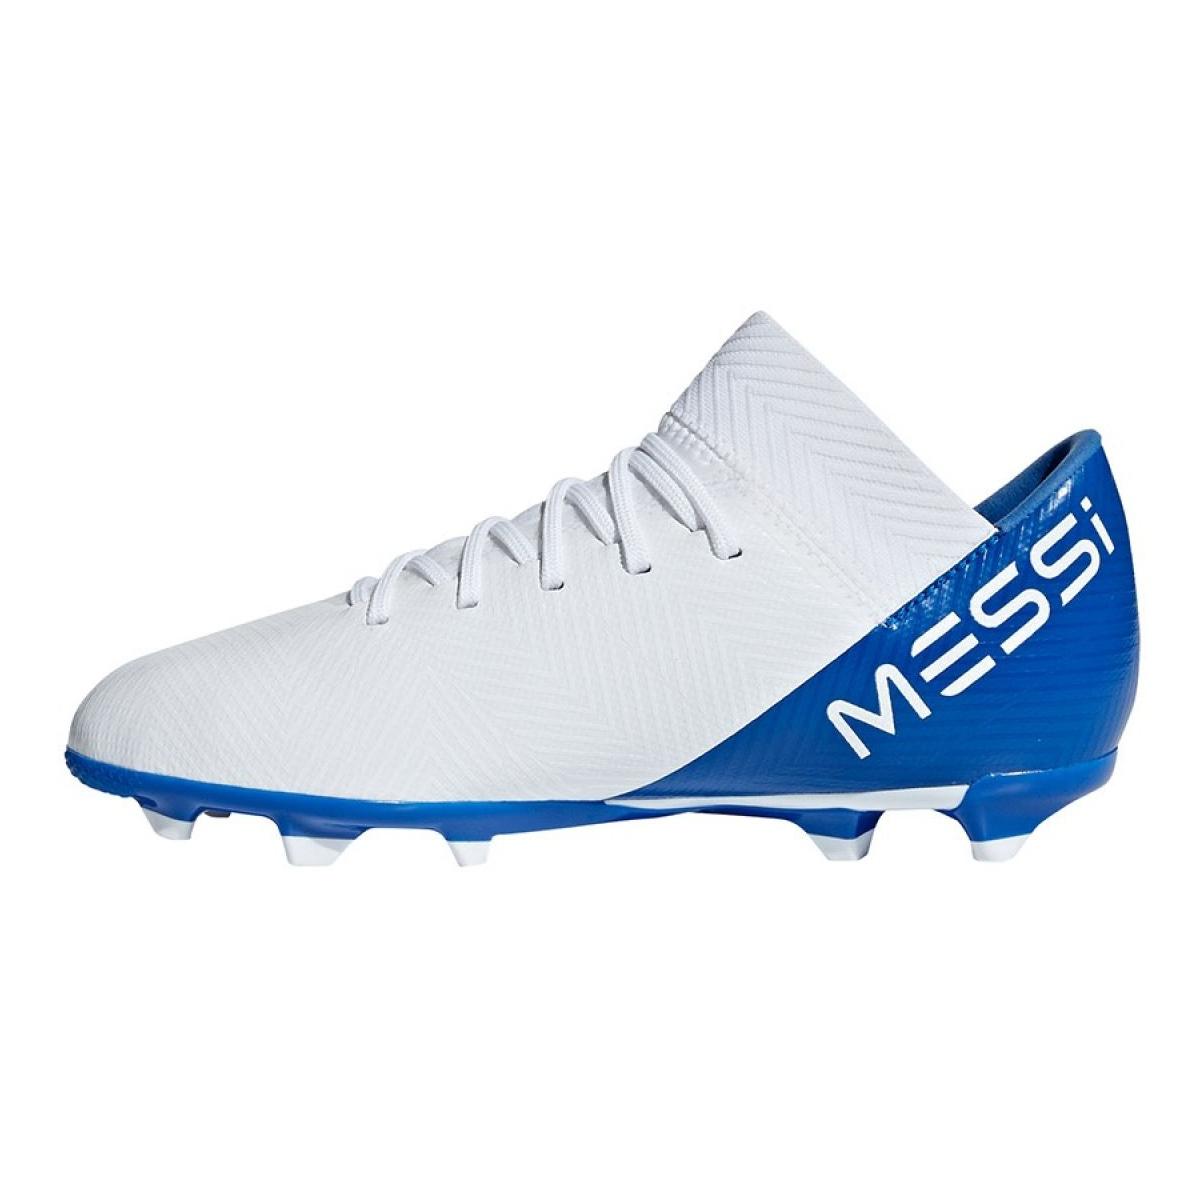 Fussballschuhe Adidas Nemeziz Messi 18 3 Fxg Jr Db2364 Weiss Weiss